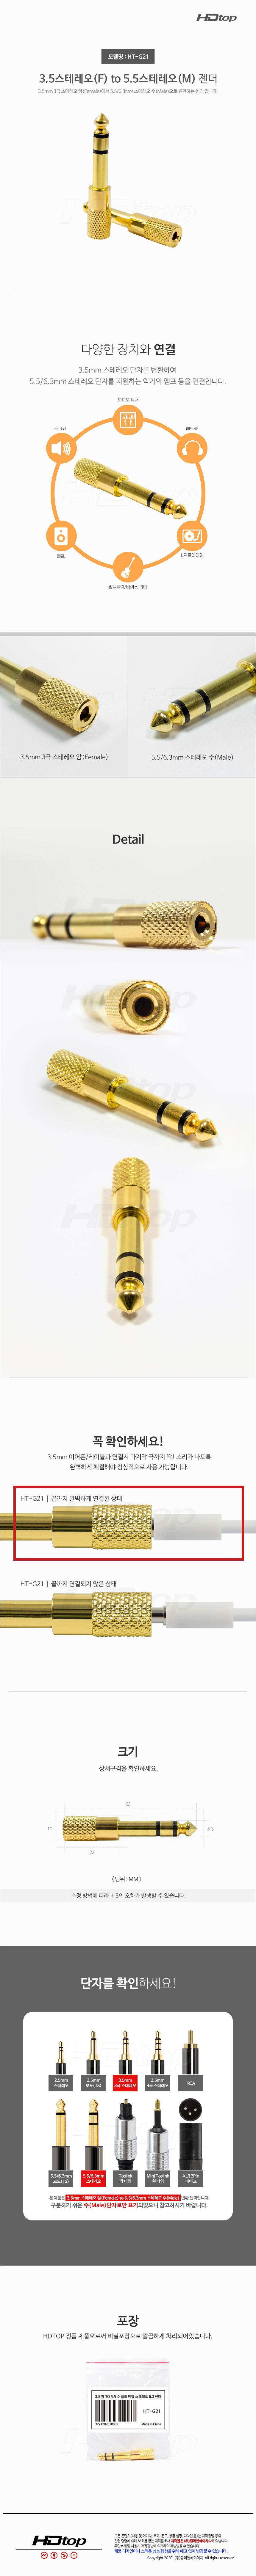 탑라인에이치디 HDTOP HT-G21 3.5 암 to 5.5 수 골드 메탈 스테레오 젠더